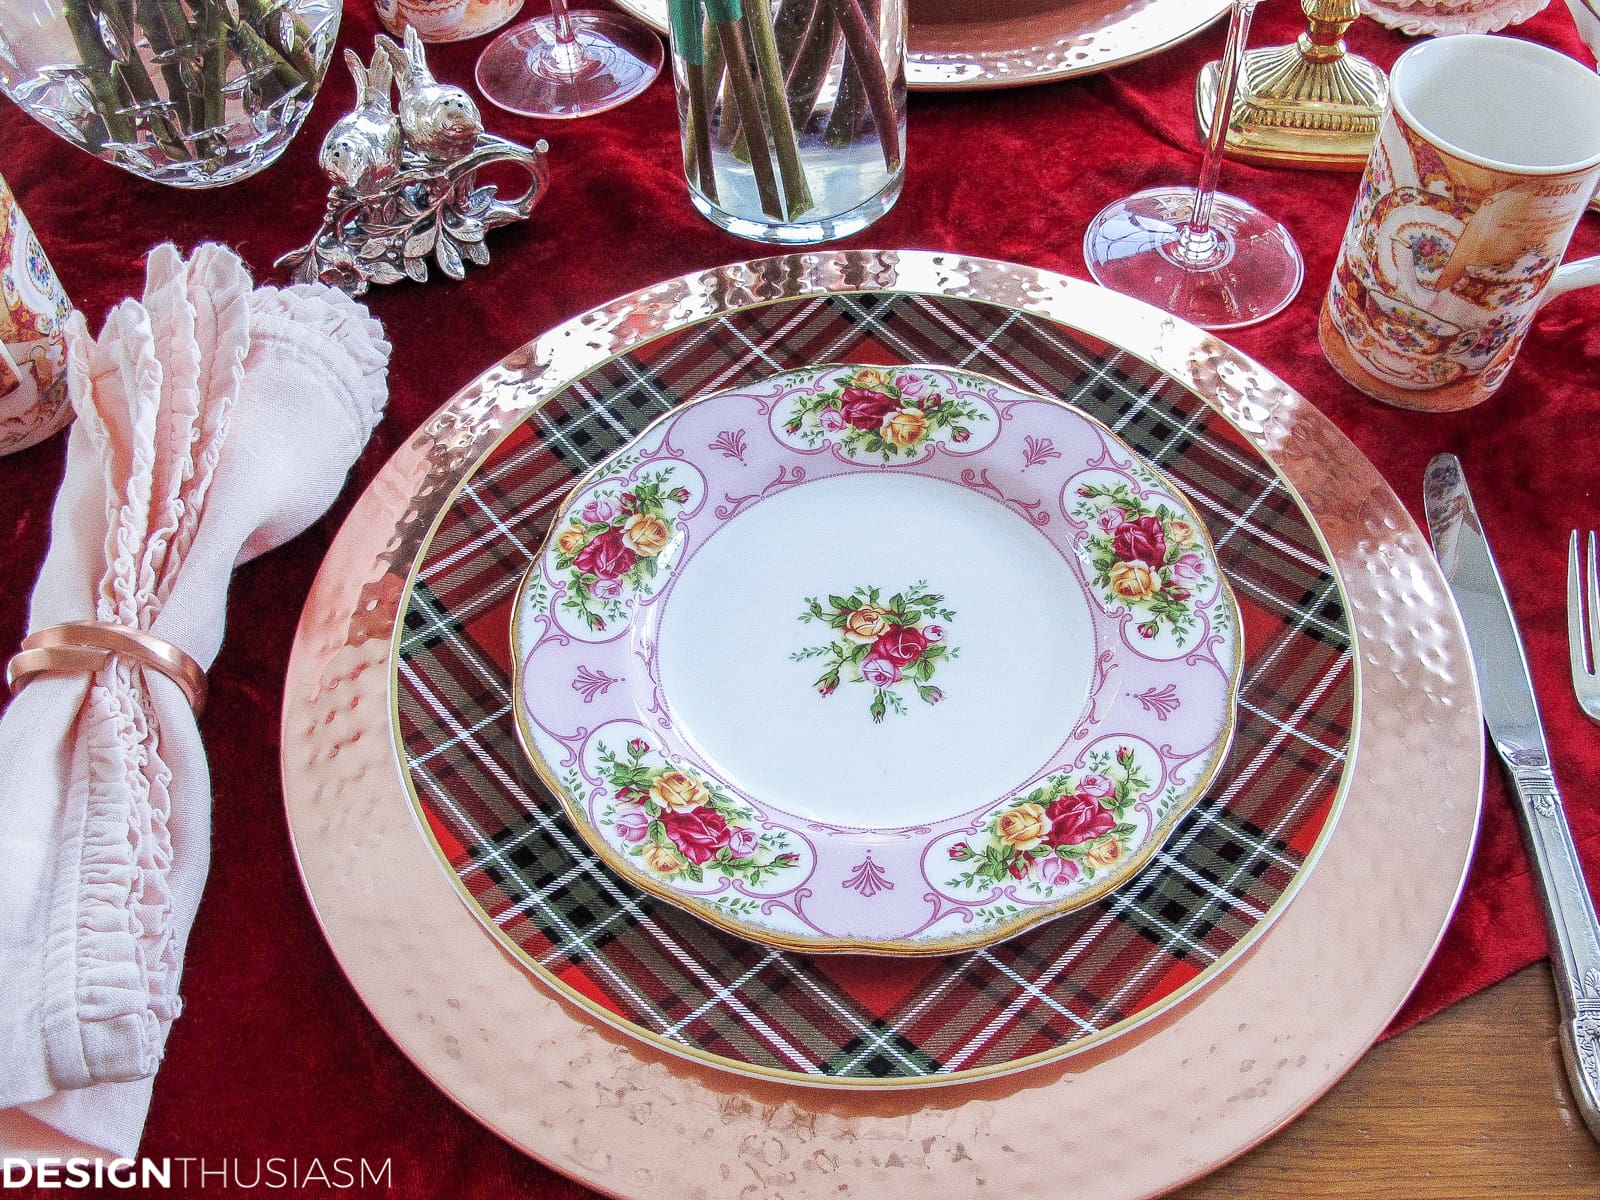 Romantic Red Valentine Table Decorations | Designthusiasm.com